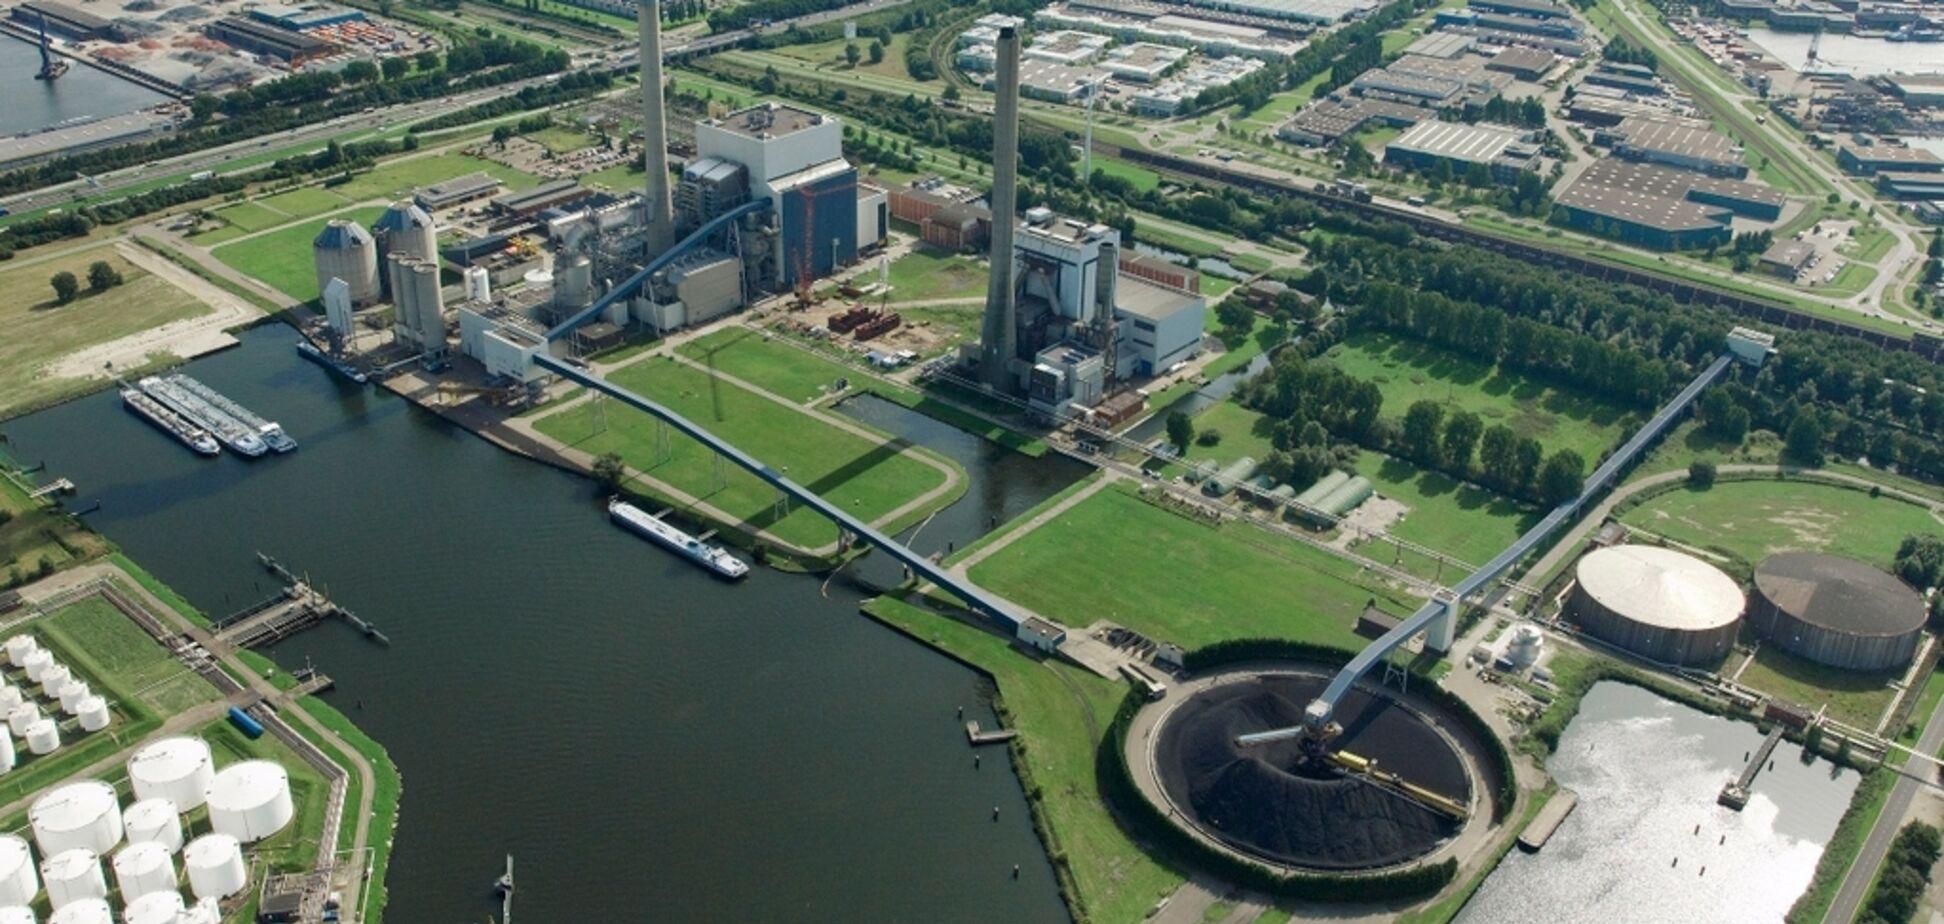 У Нідерландах закрили вугільну теплоелектростанцію: що стало причиною